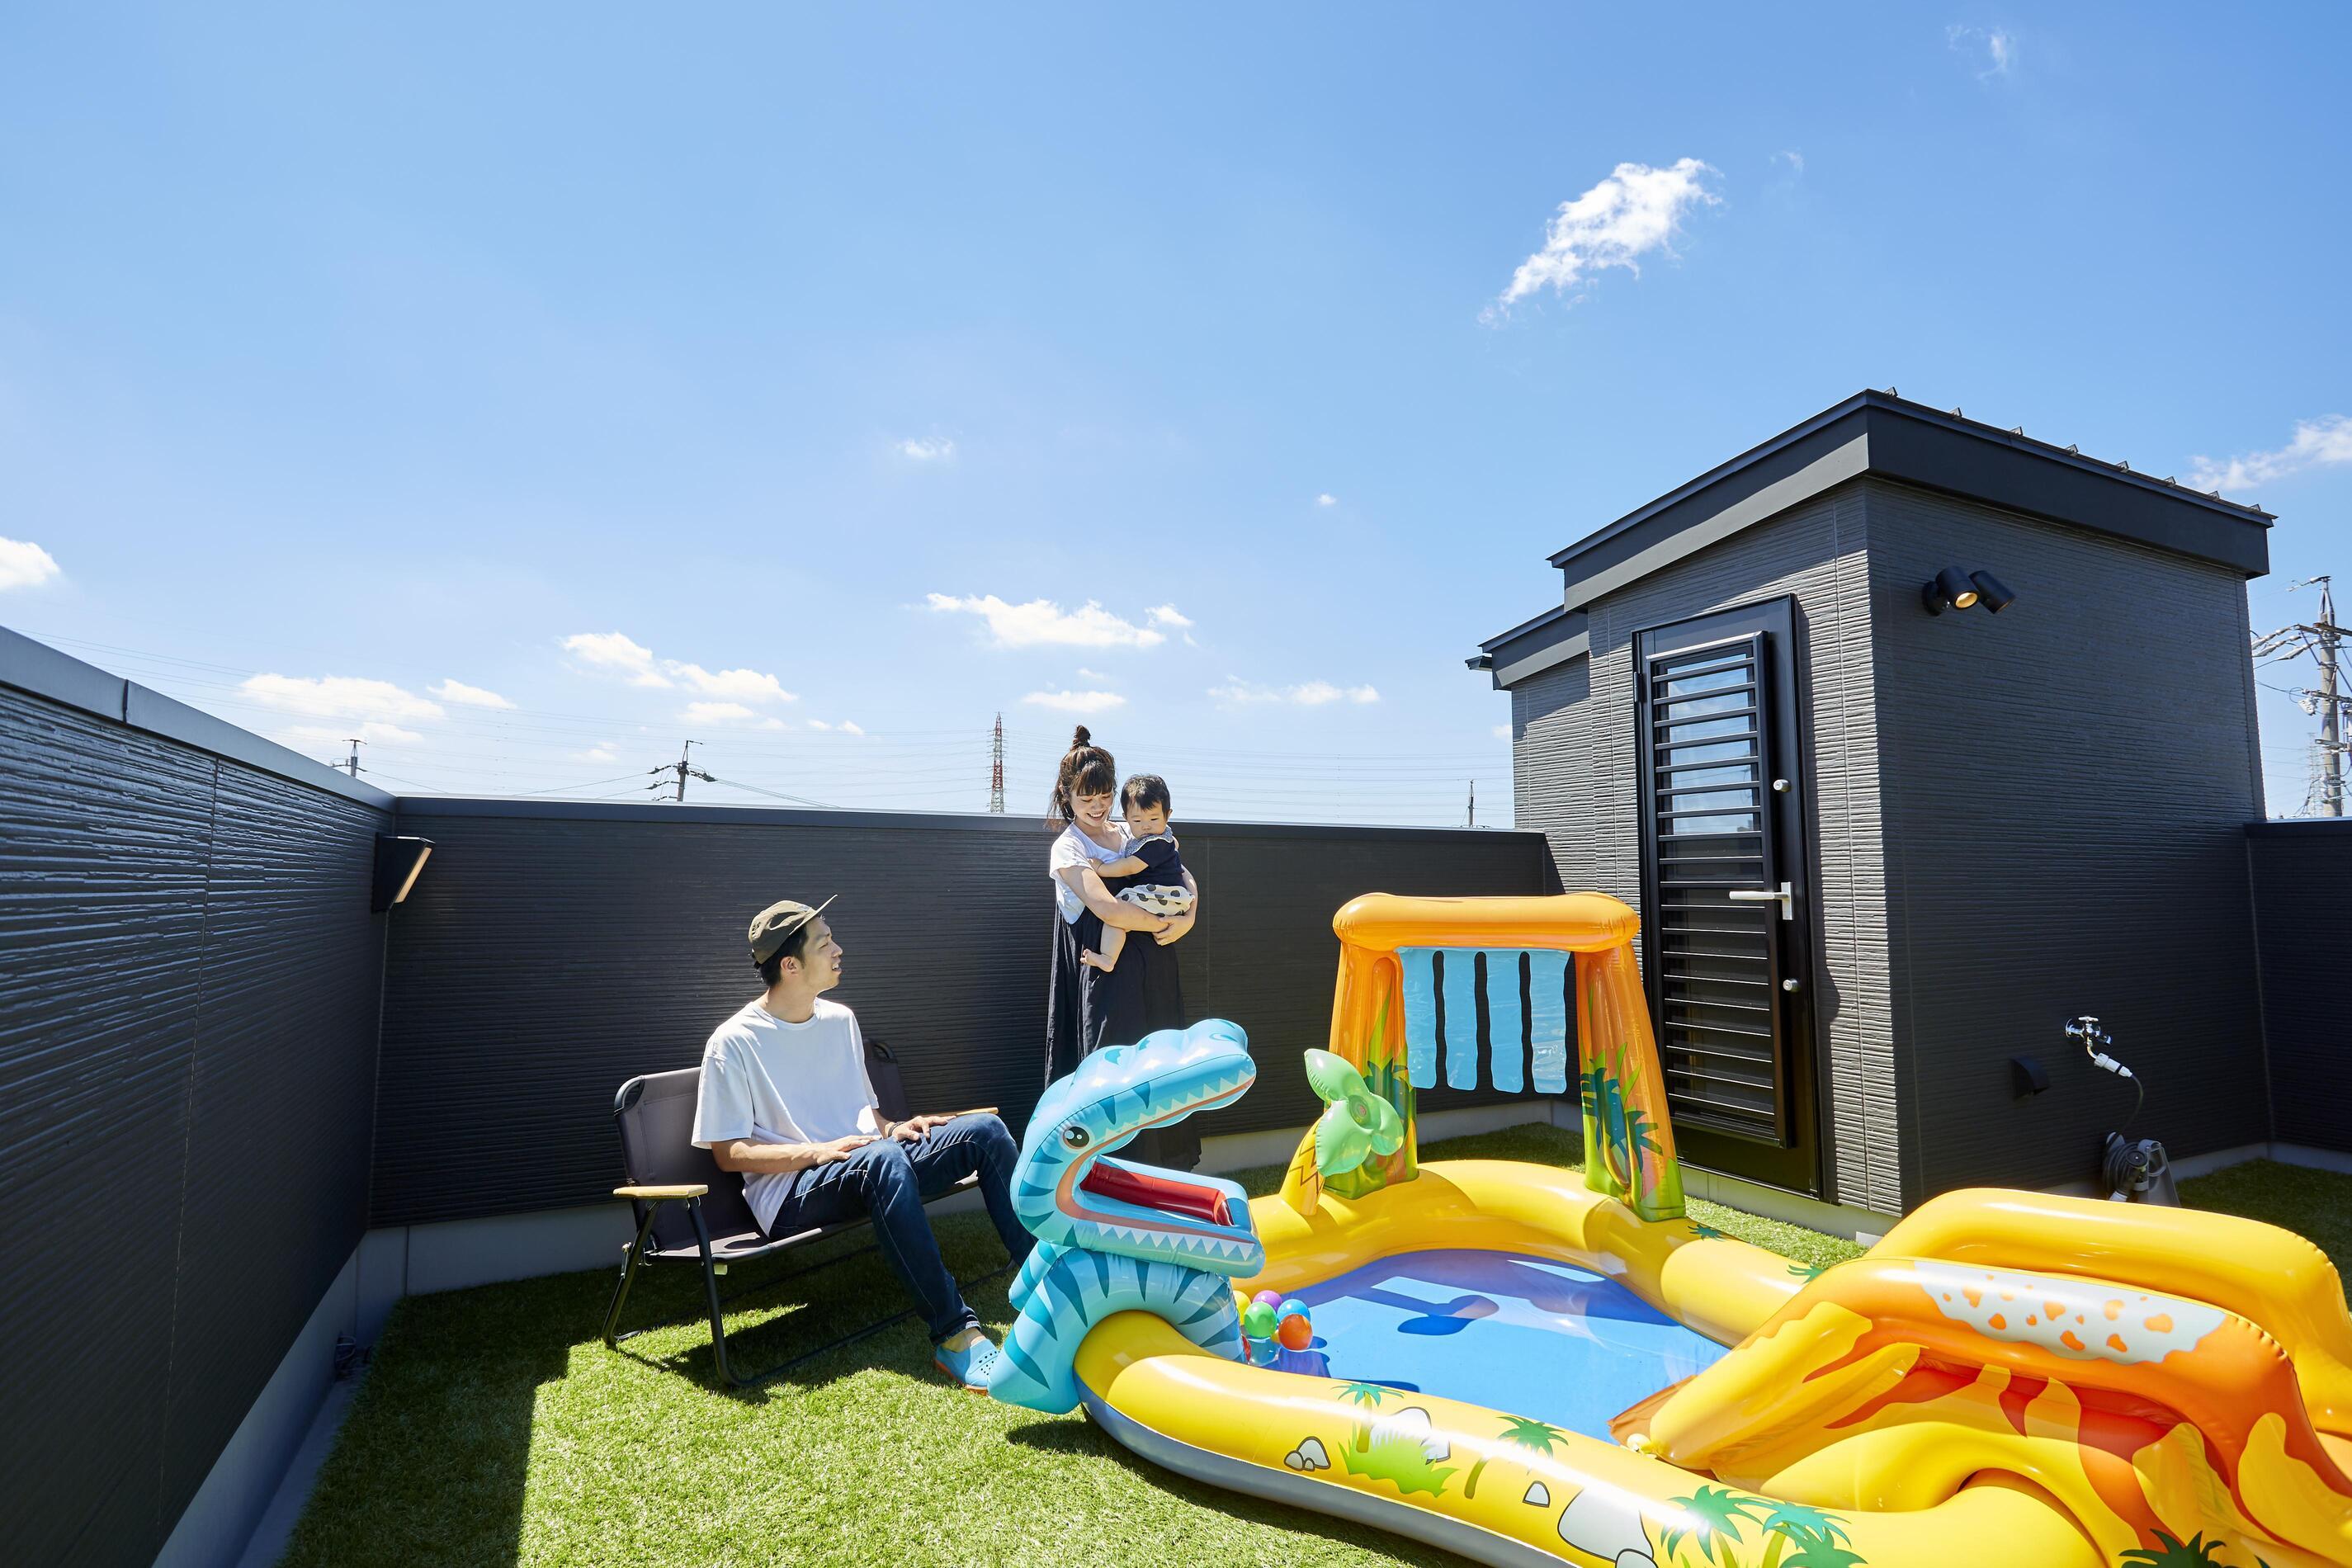 屋上にお庭がある家の魅力とは?屋上のメリットデメリットを解説